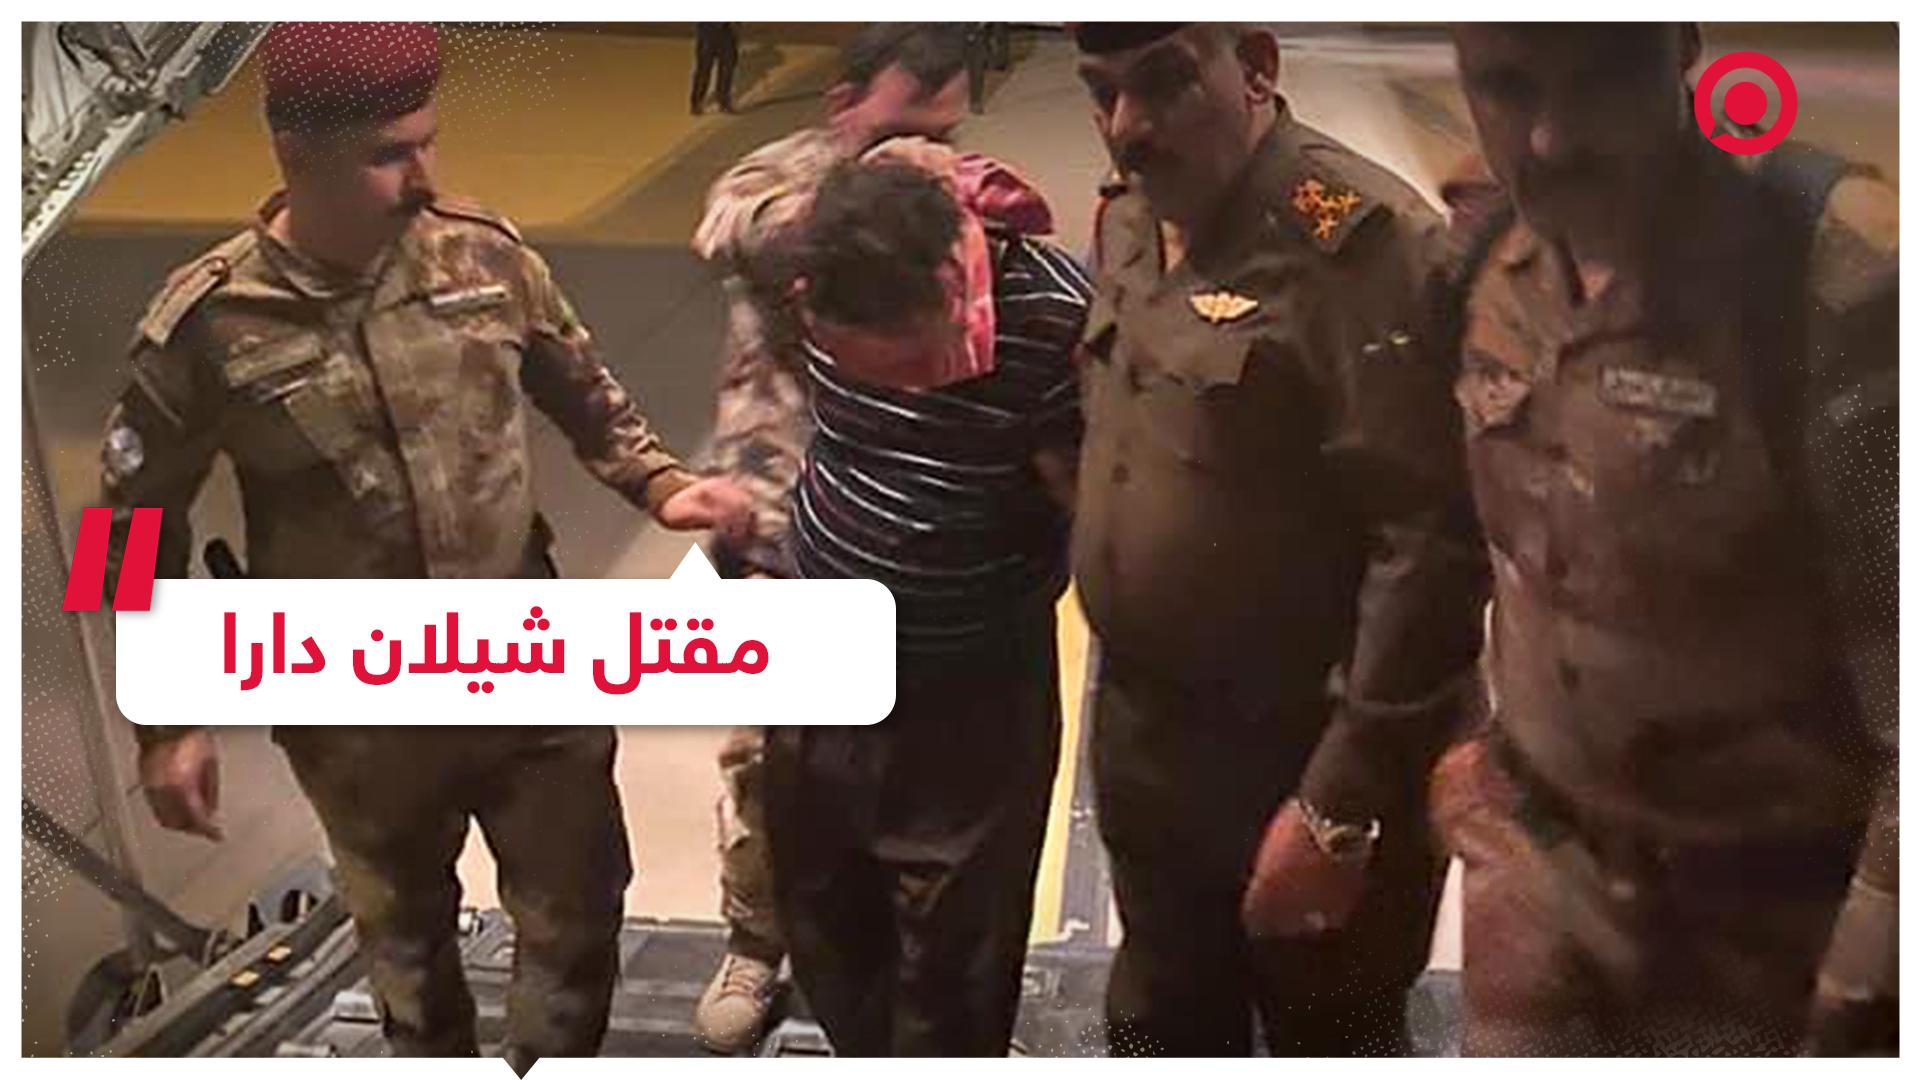 كشف تفاصيل مقتل الناشطة العراقية شيلان دارا وعائلتها والمتهم يعترف بتفاصيل الجريمة